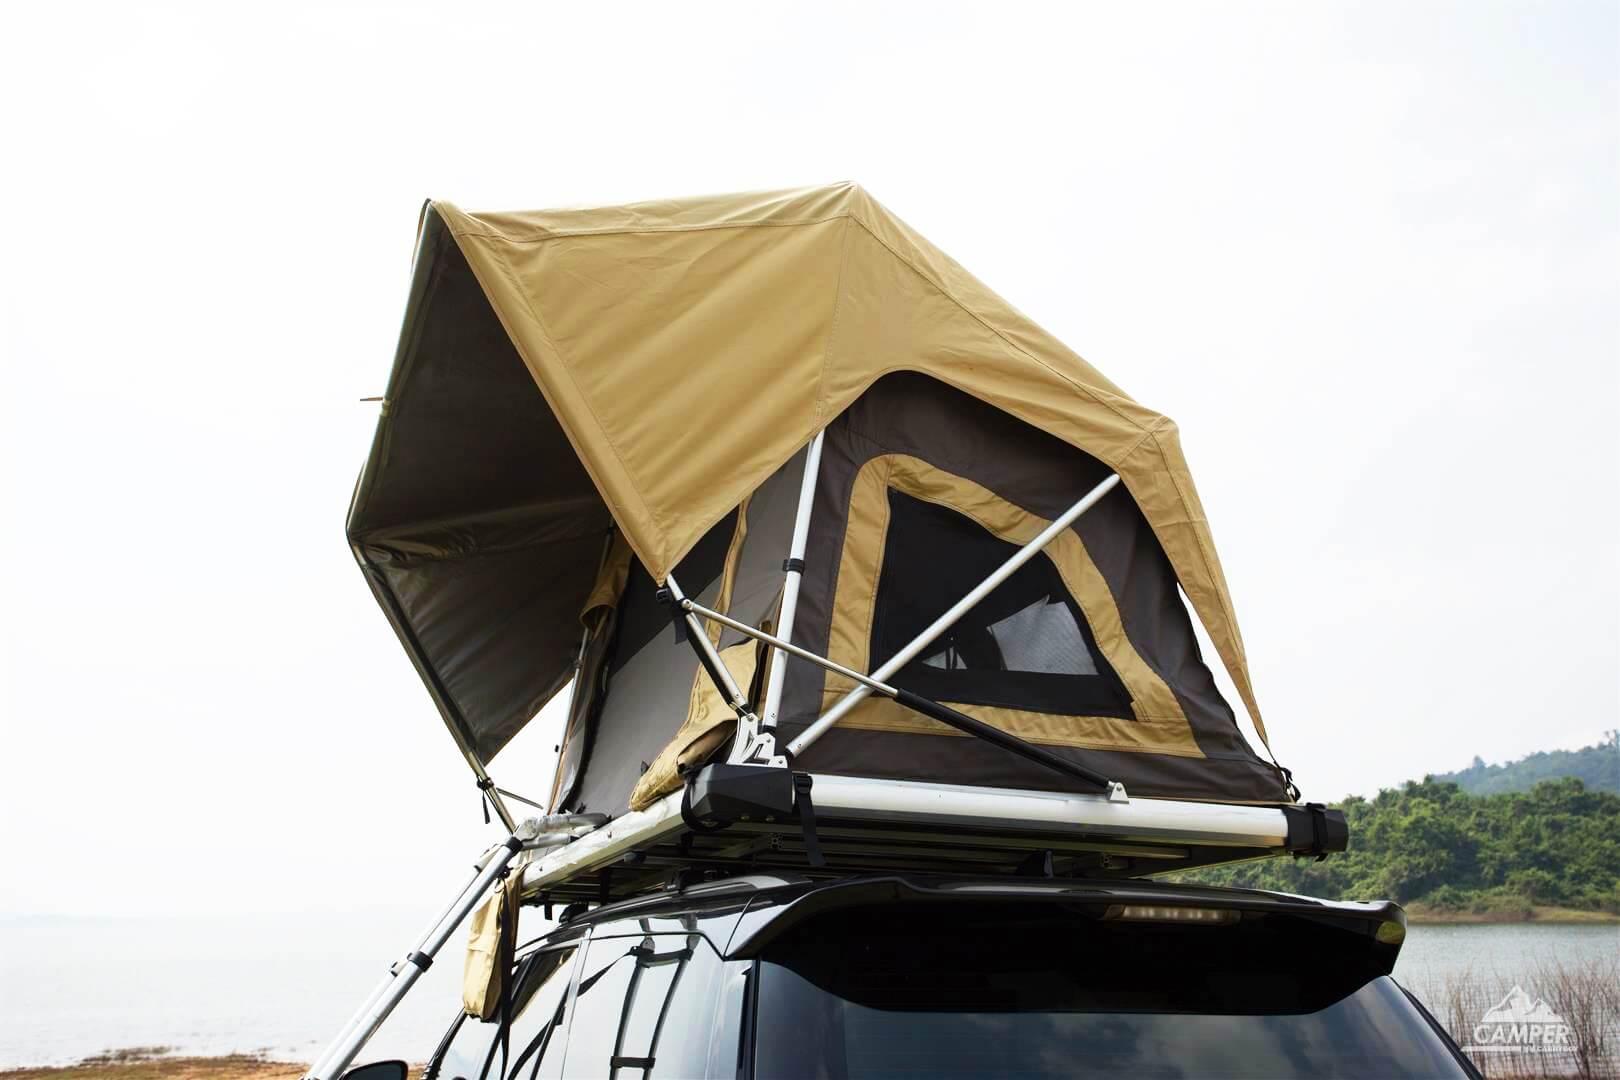 Carryboy Camper Dachzelt für 2 bis 3 Personen für alle Fahrzeuge automatisch entfaltend